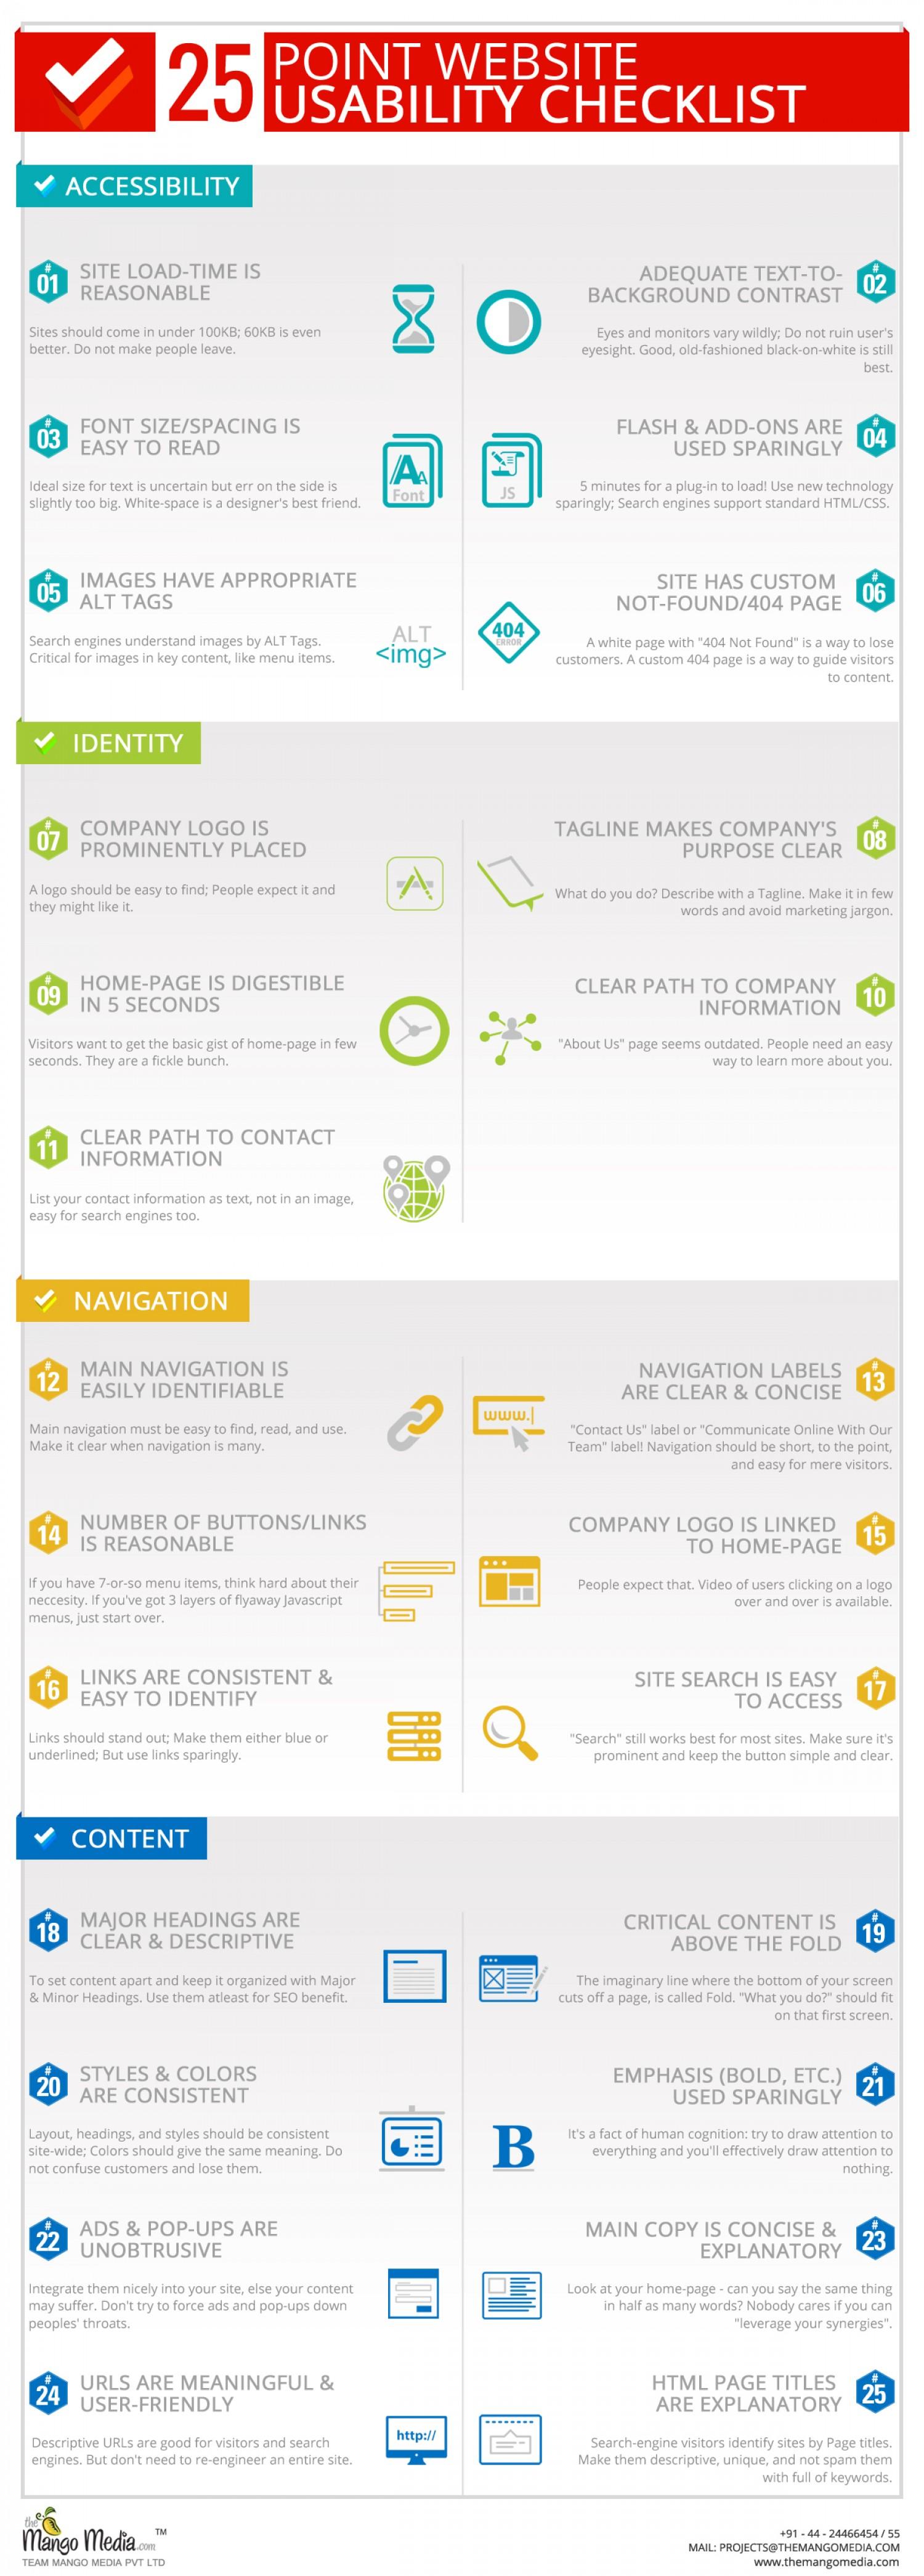 25-Point Website Checklist